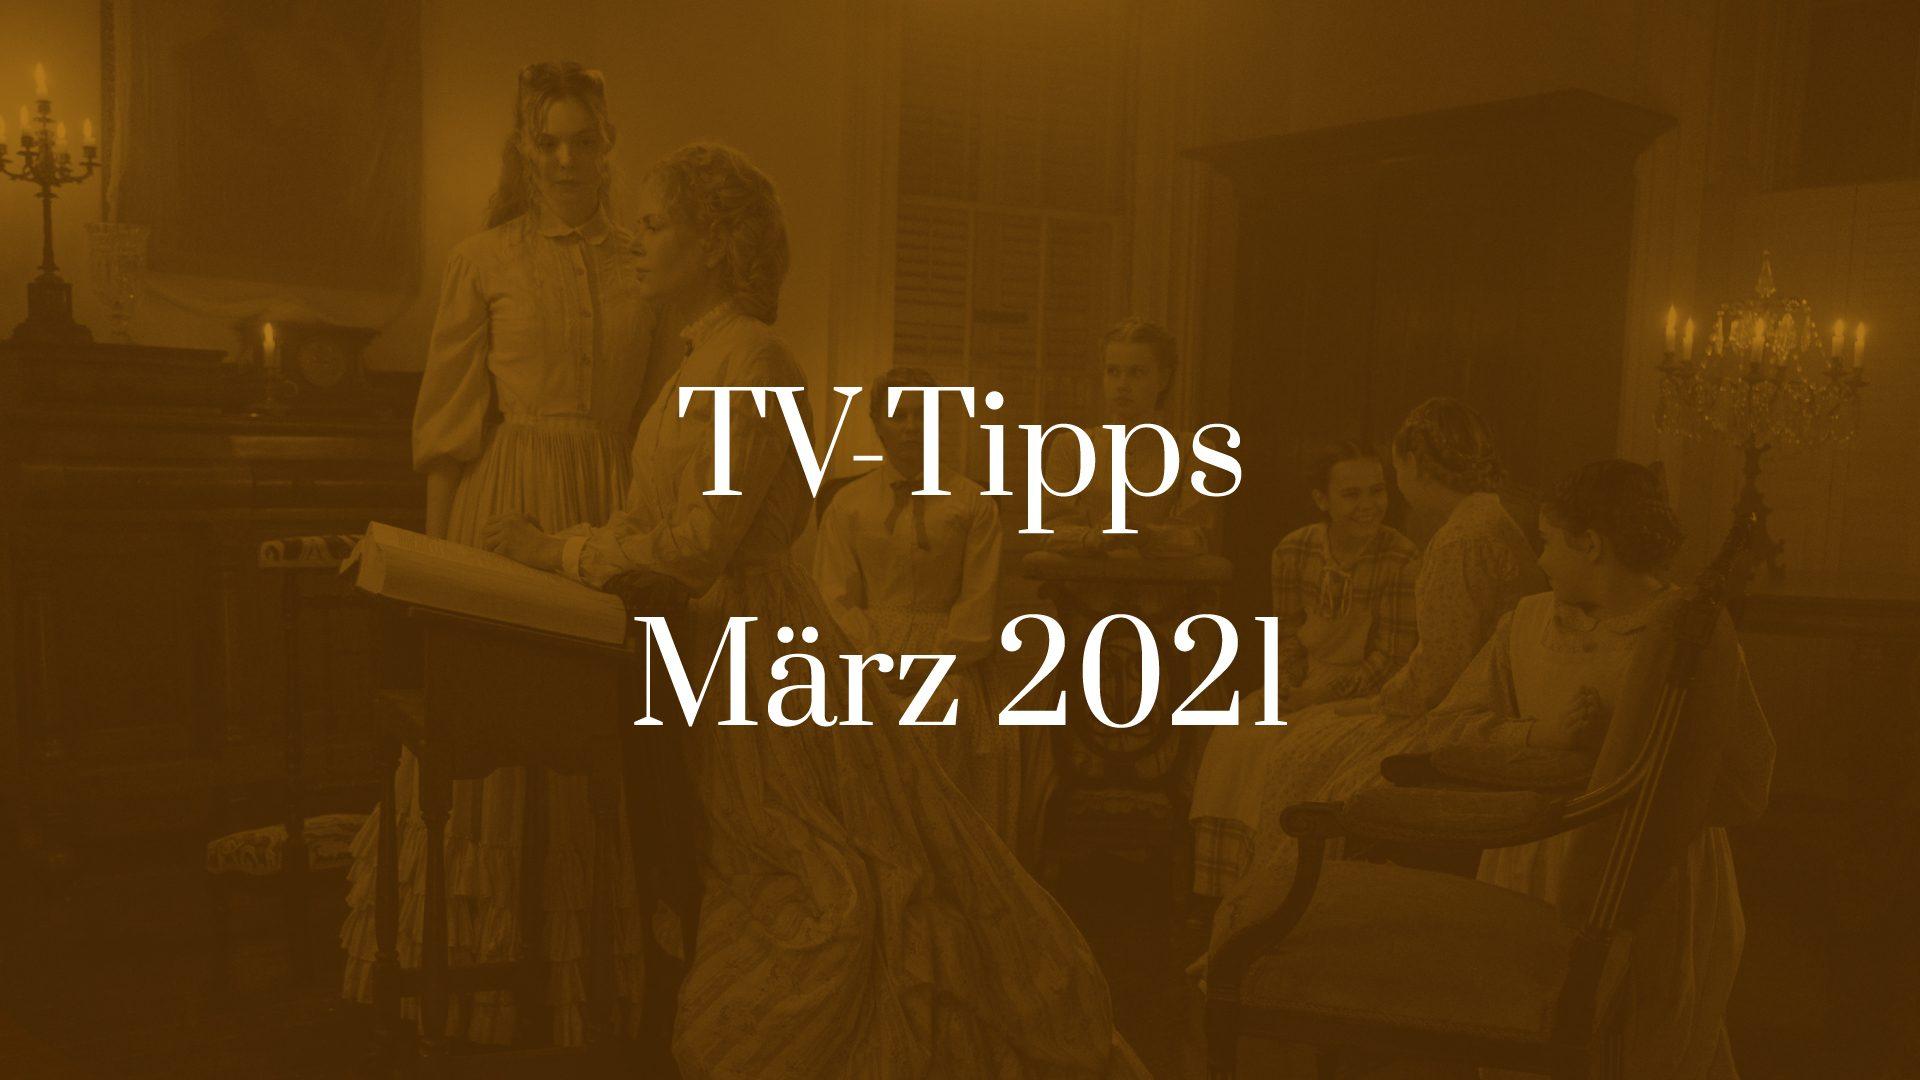 Titelbild für TV-Tipps für März 2021